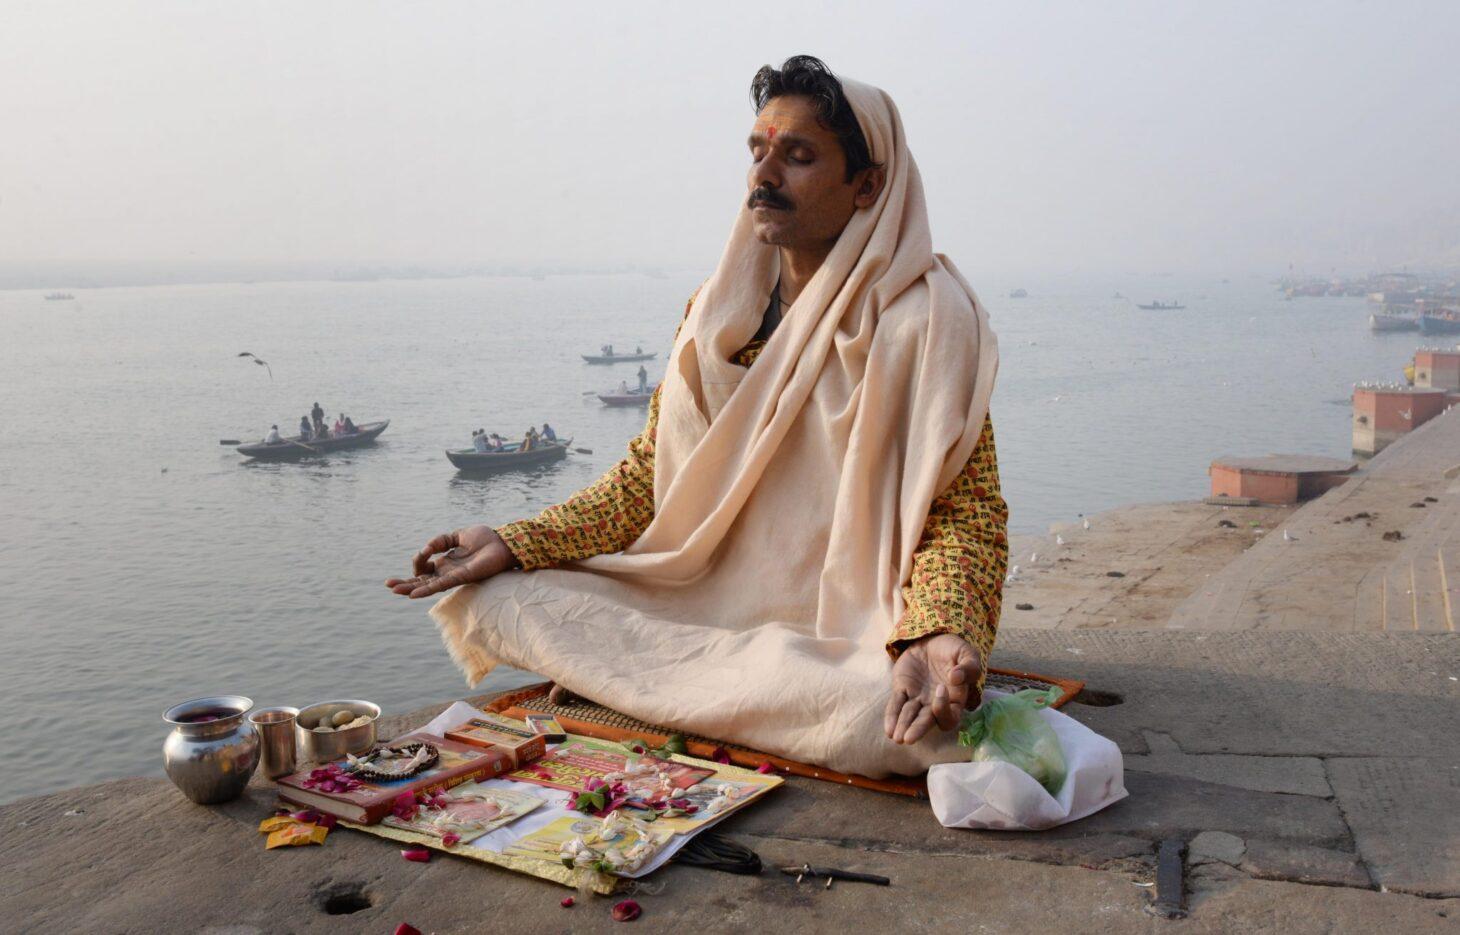 Stillness of Meditation